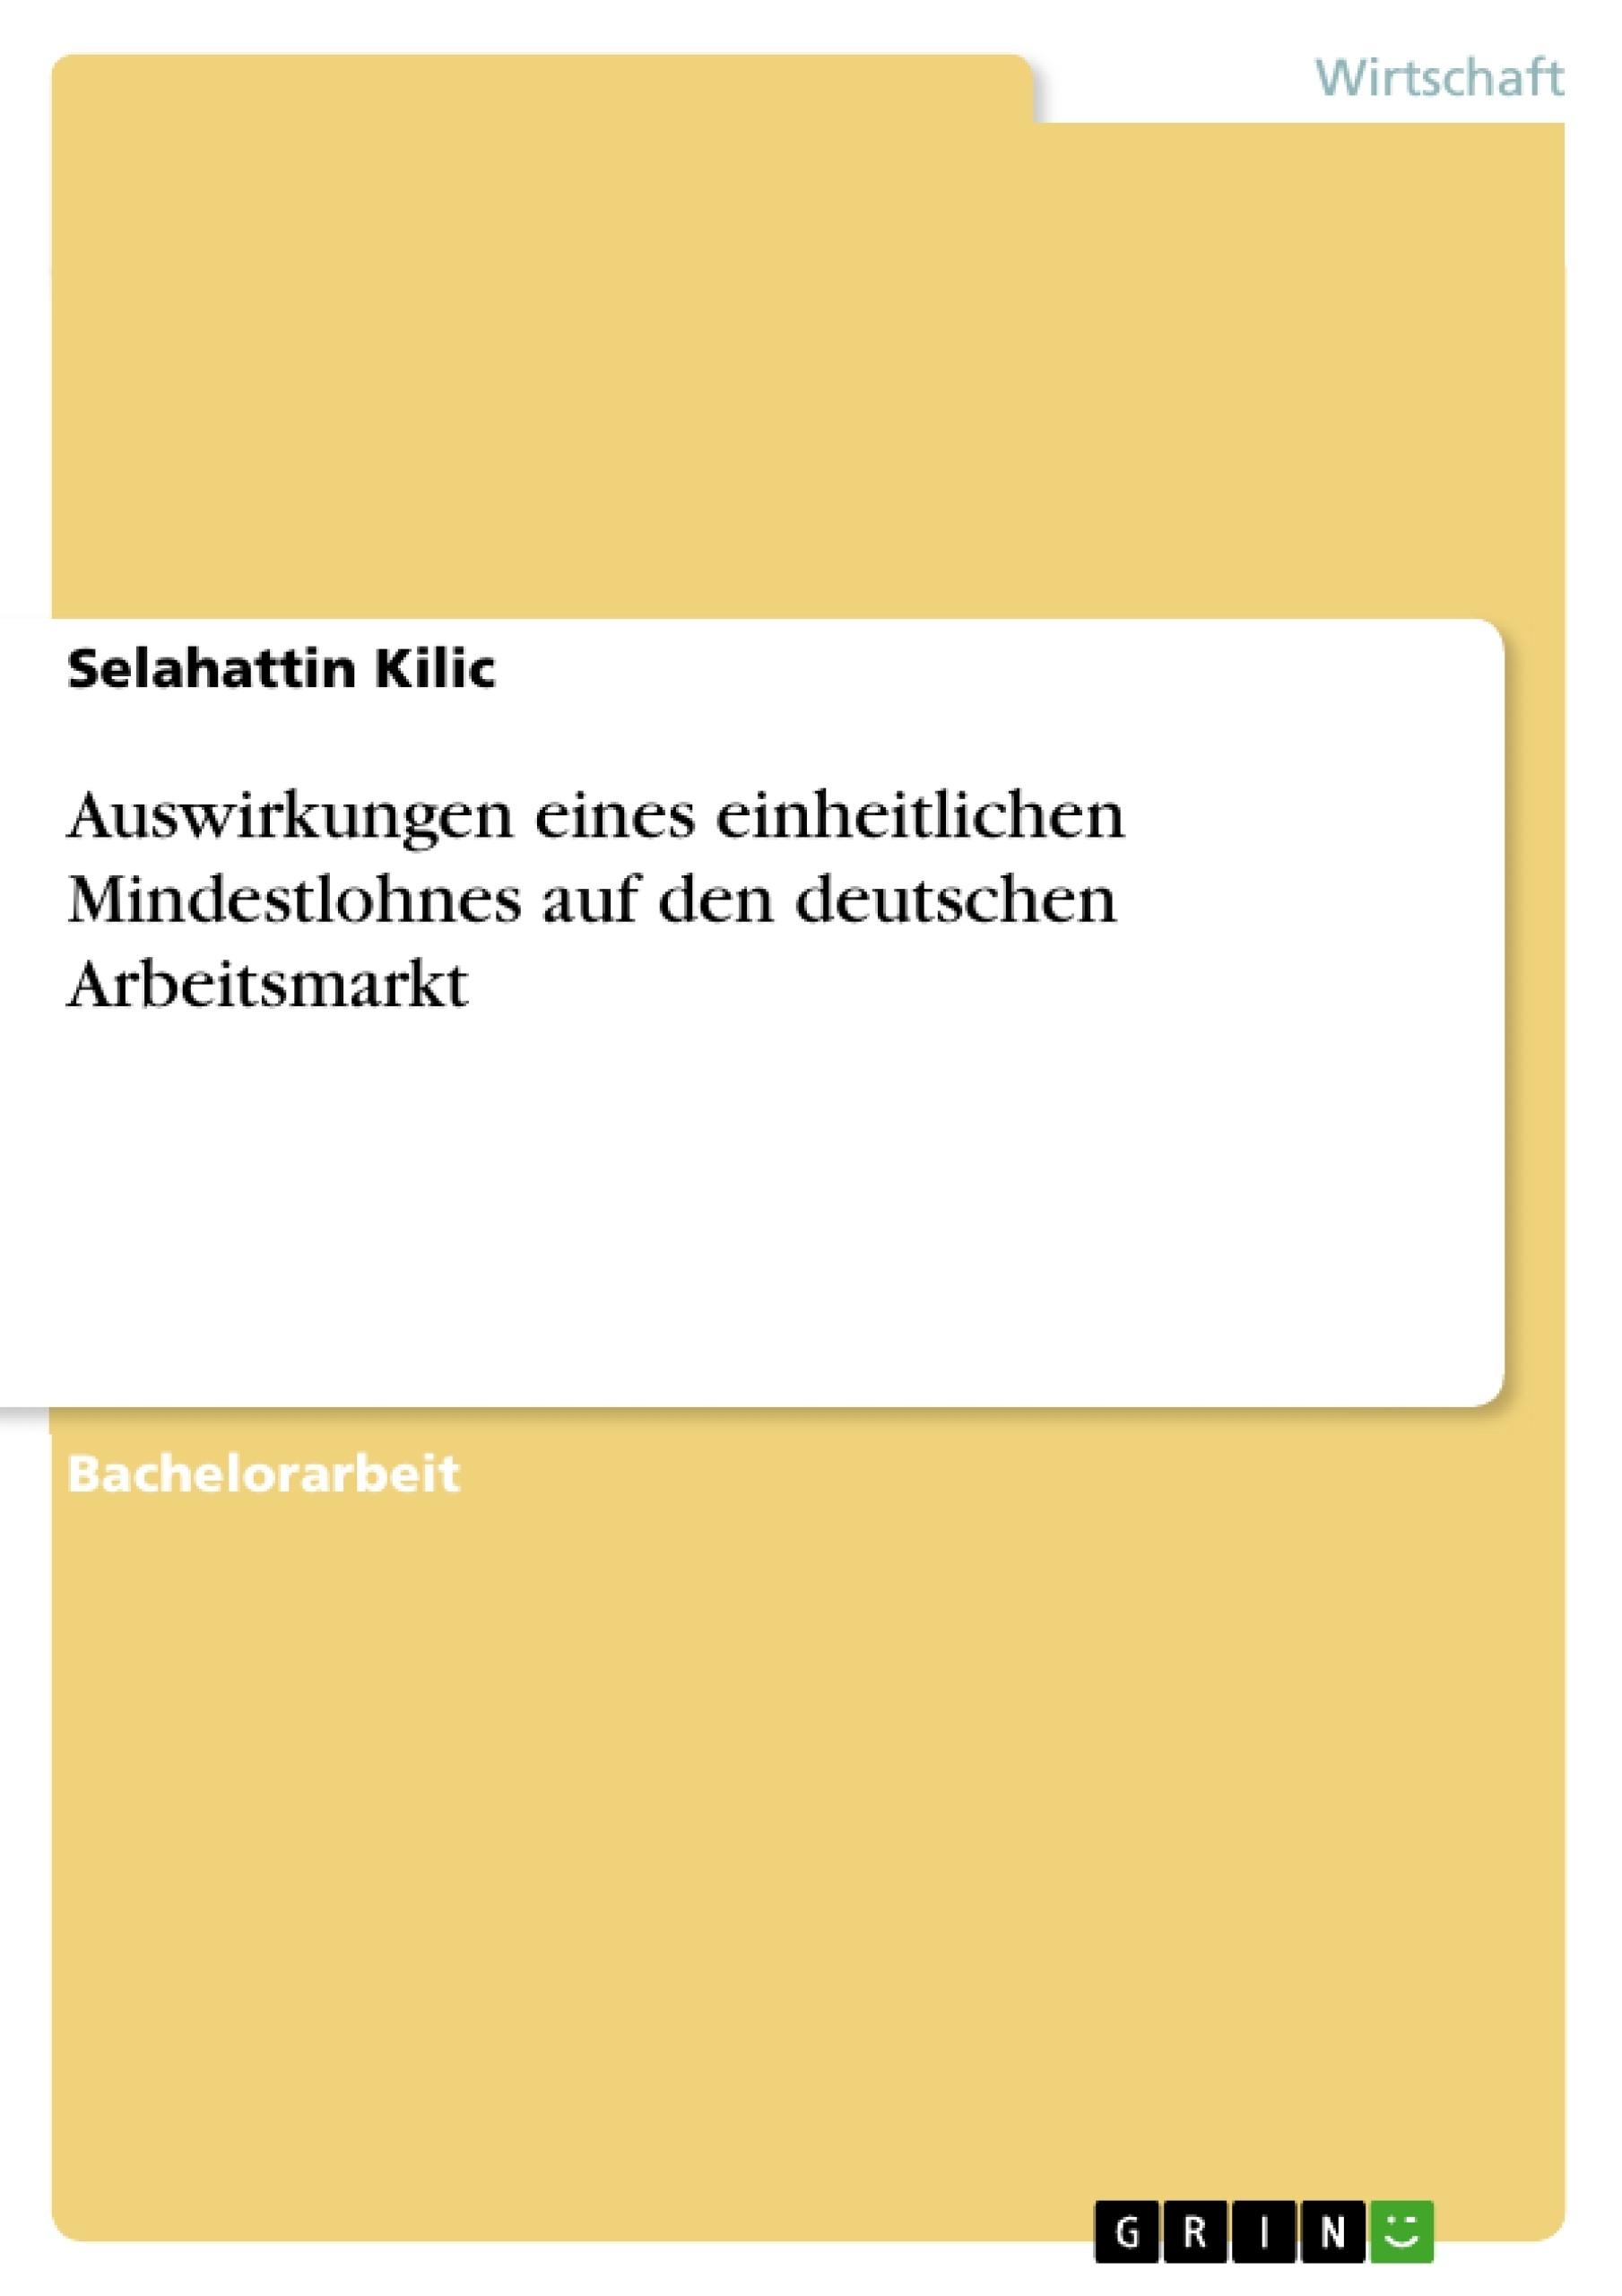 Titel: Auswirkungen eines einheitlichen Mindestlohnes auf den deutschen Arbeitsmarkt